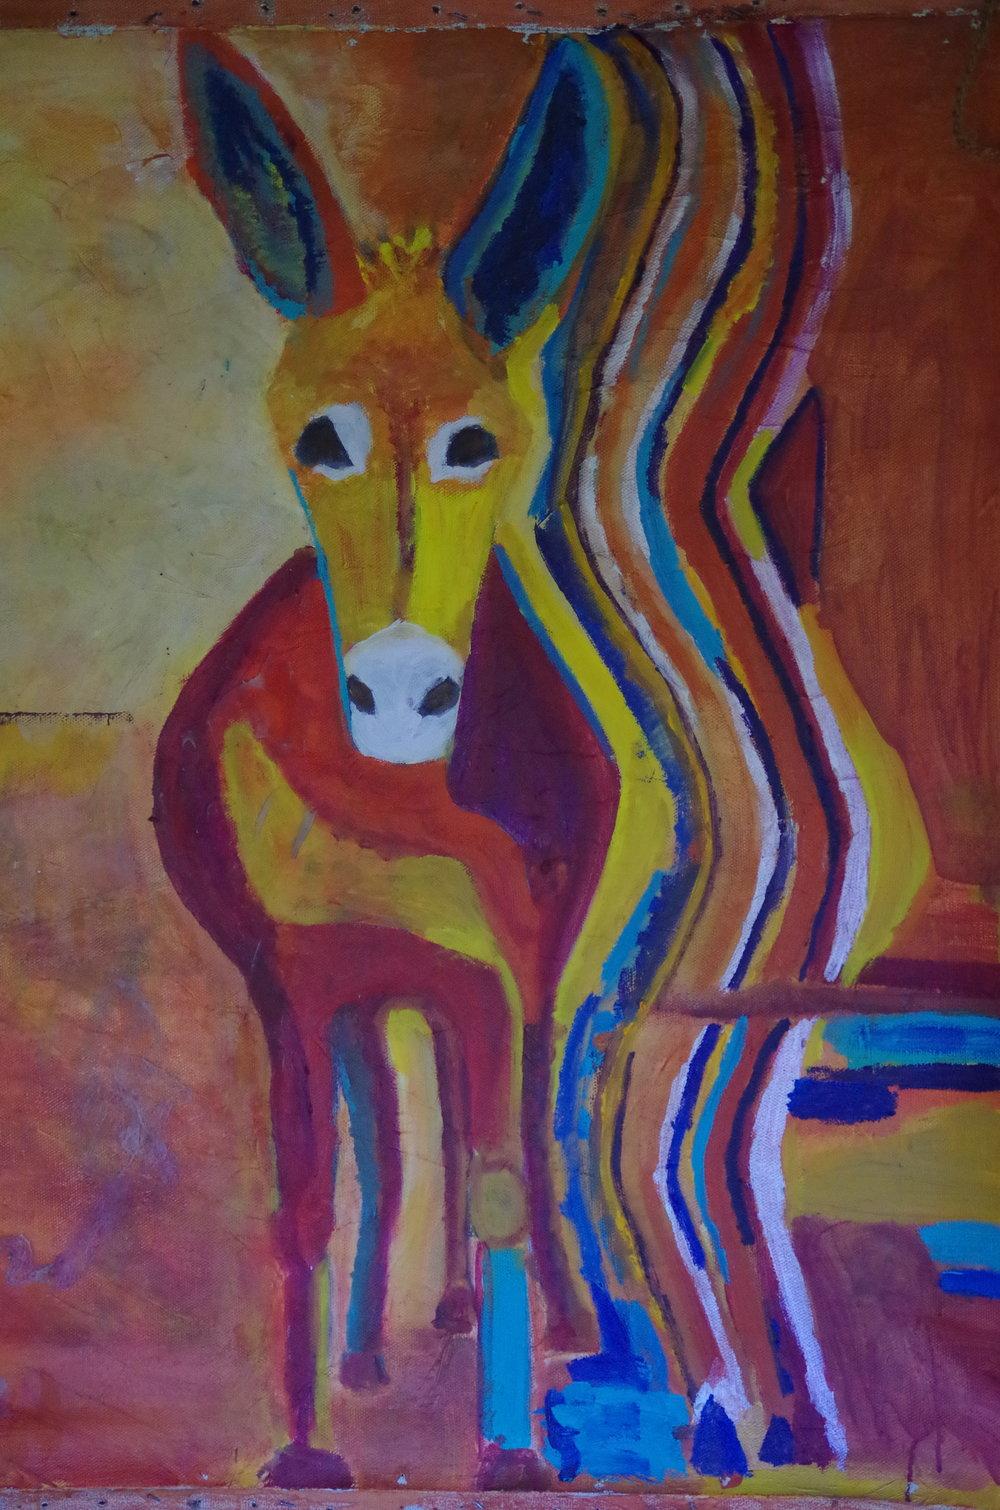 Burn-out Donkeymotion